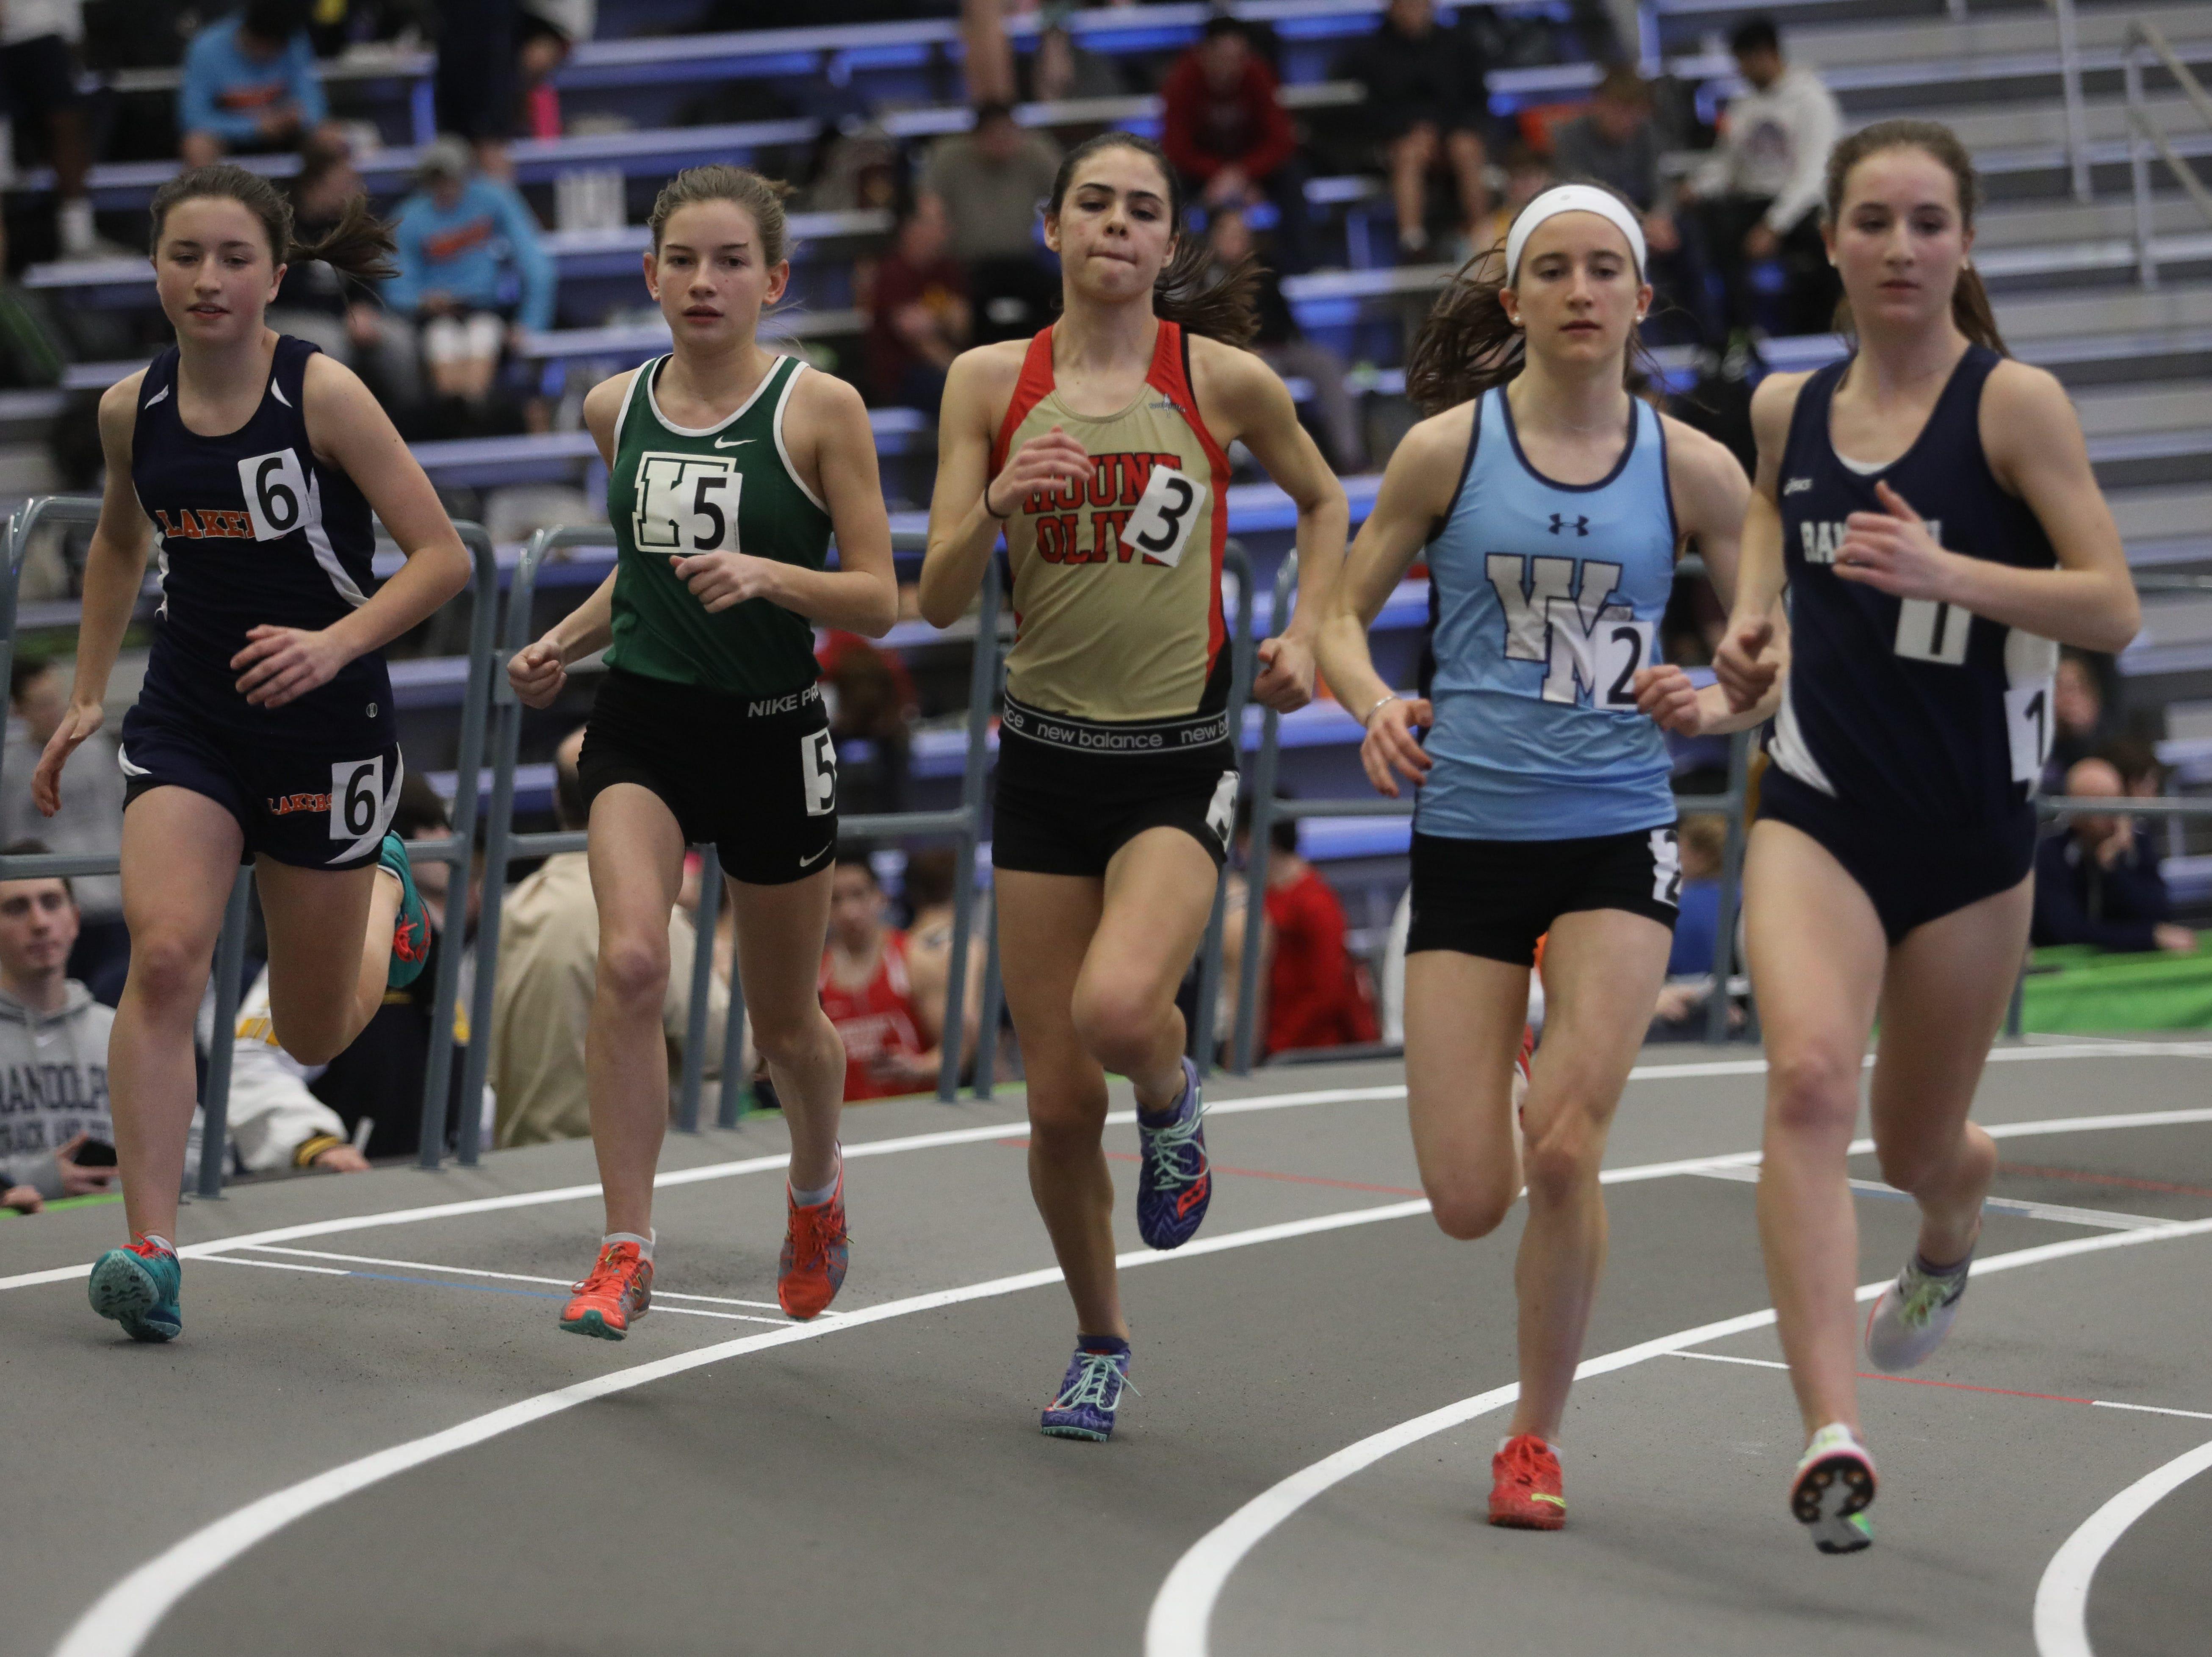 The start of the girls 1600 meter run.